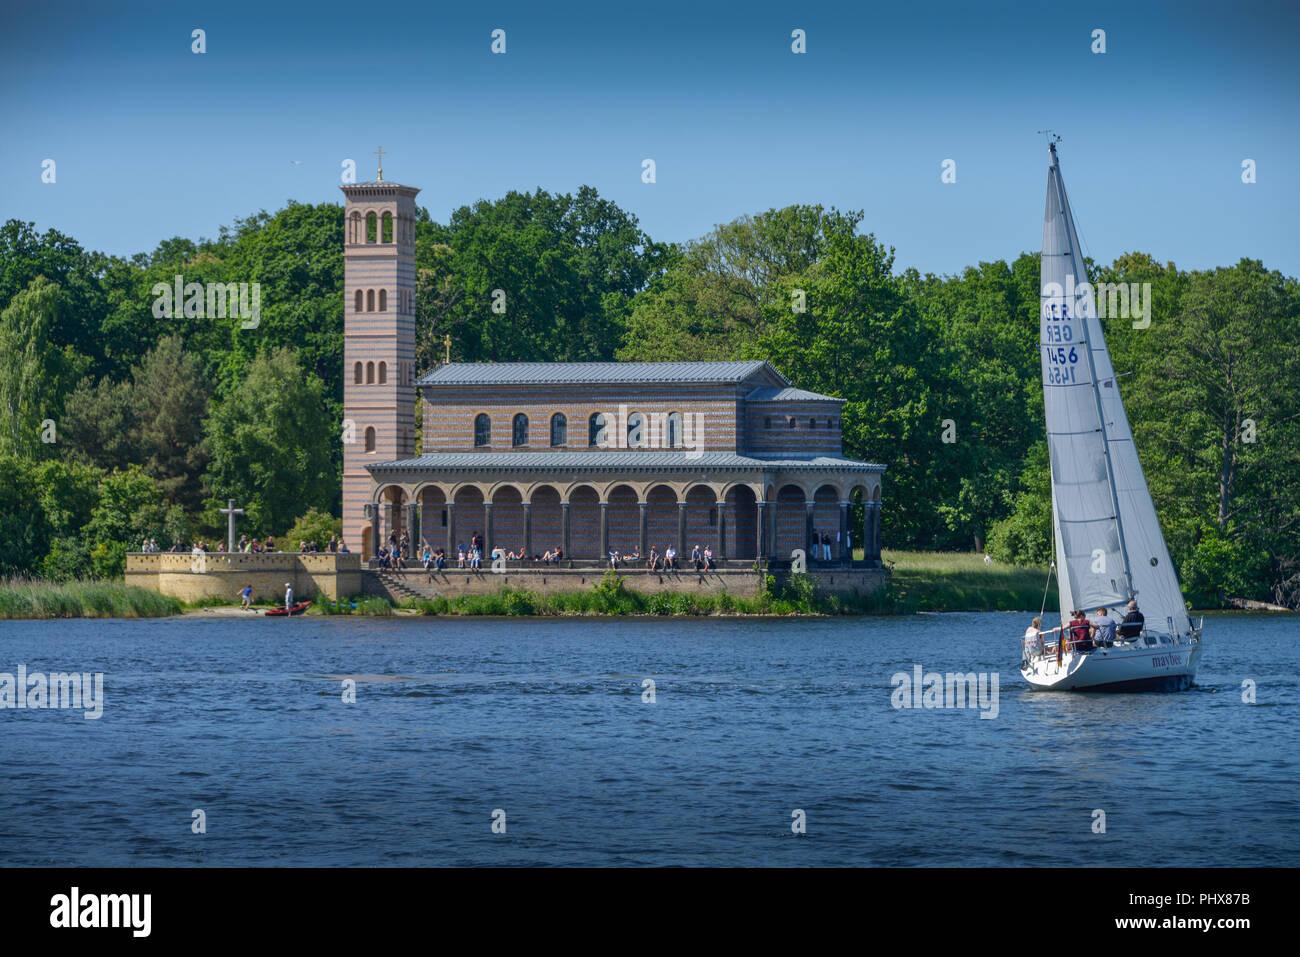 Heilandskirche, Segelboot, Havel, Sacrow, Brandenburg, Deutschland - Stock Image